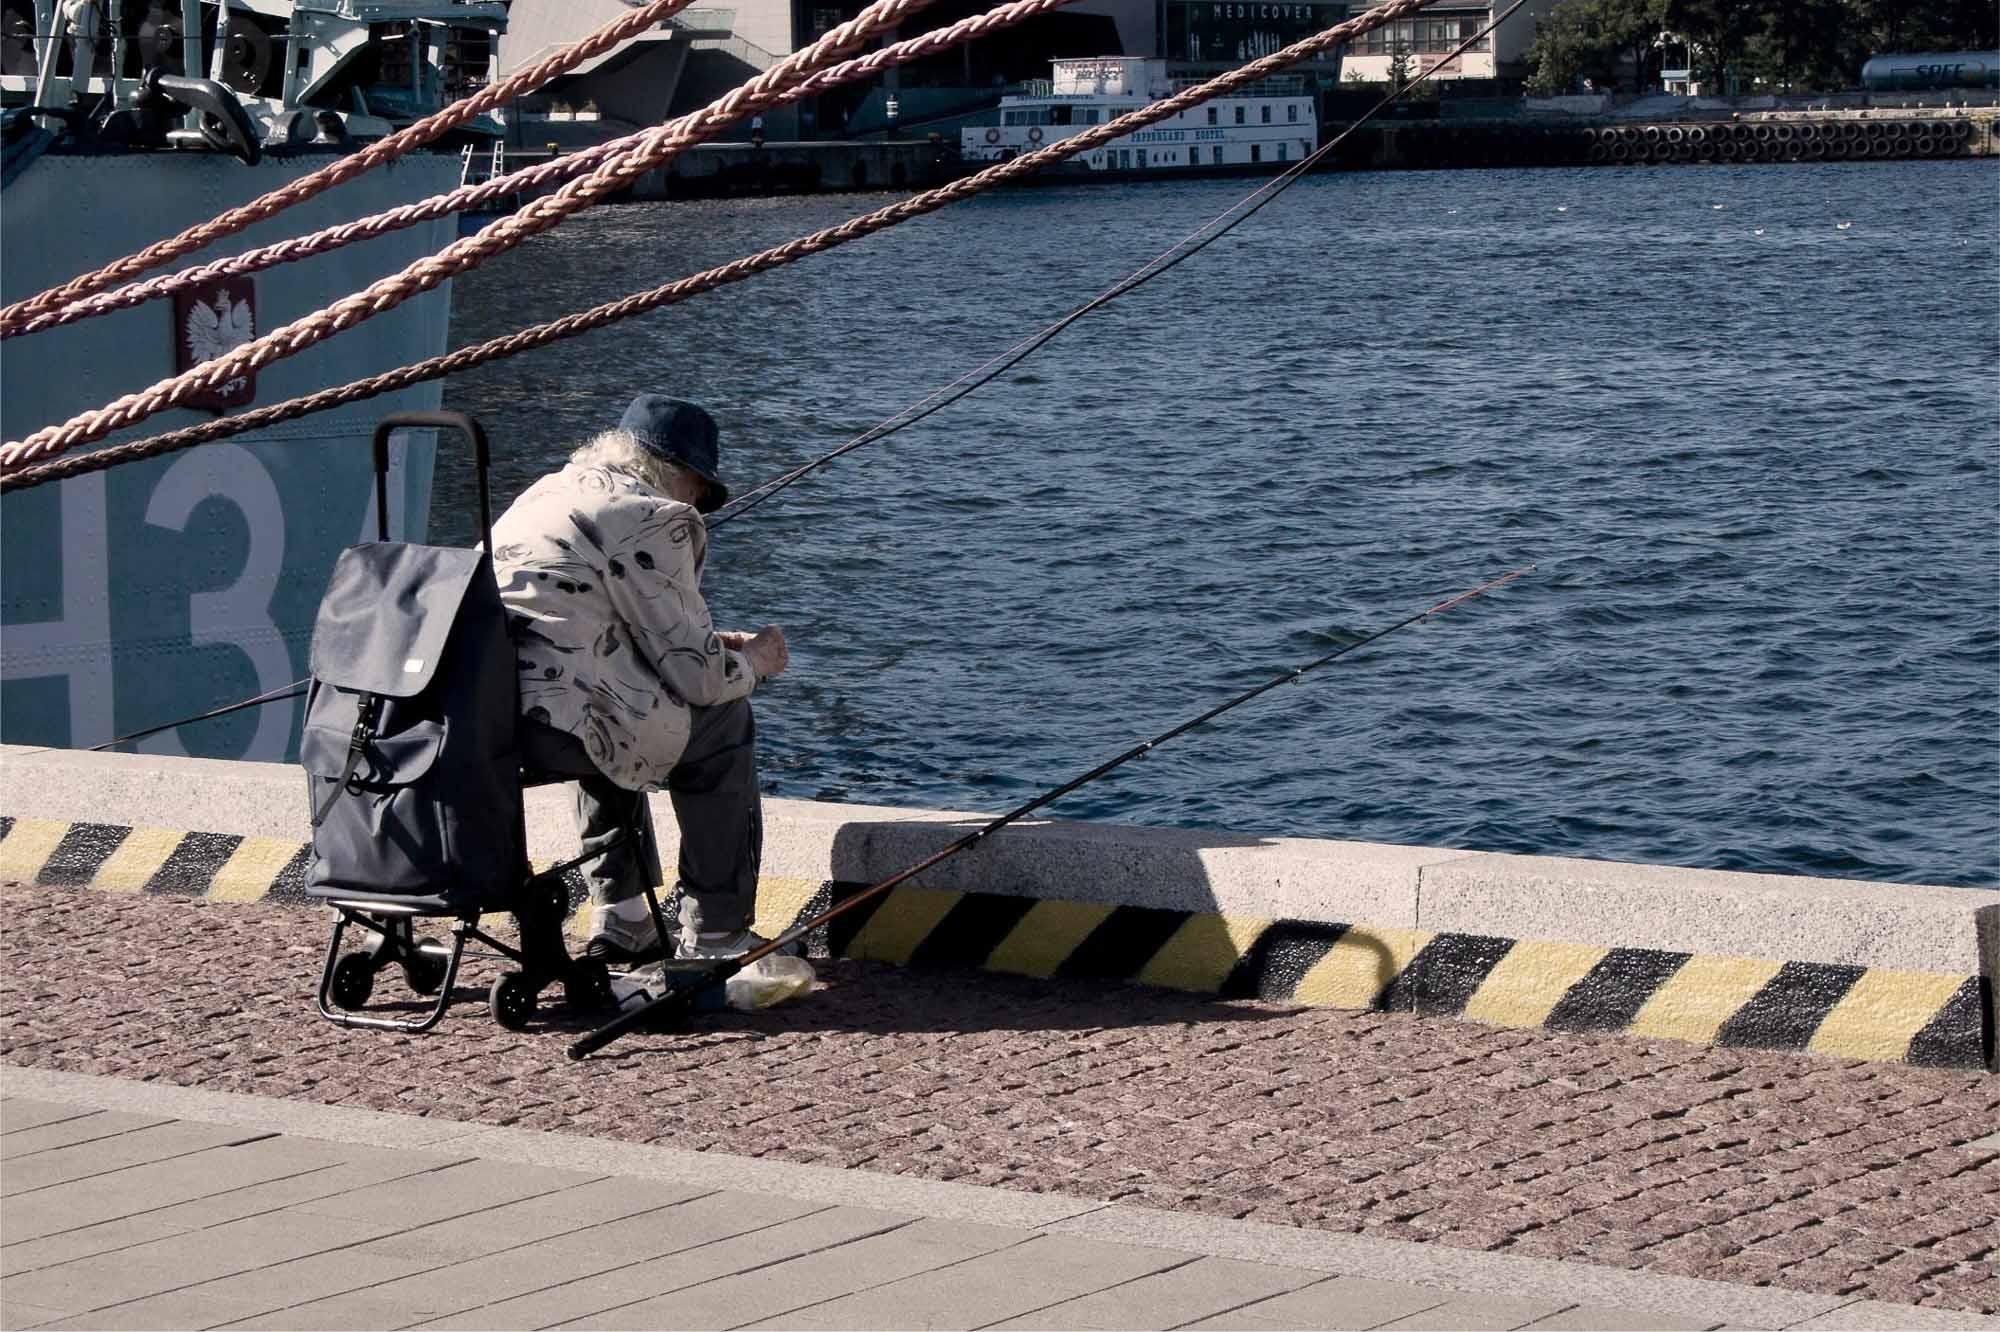 Fisherlady Når jeg er ute på reise, synes jeg det er spennende å gå rundt og observere mennesker. Denne herlige fiskeren satt på brygga i Gydina i Polen. Hun utnyttet en god sensommerdag i sola for å prøve fiskelykken.